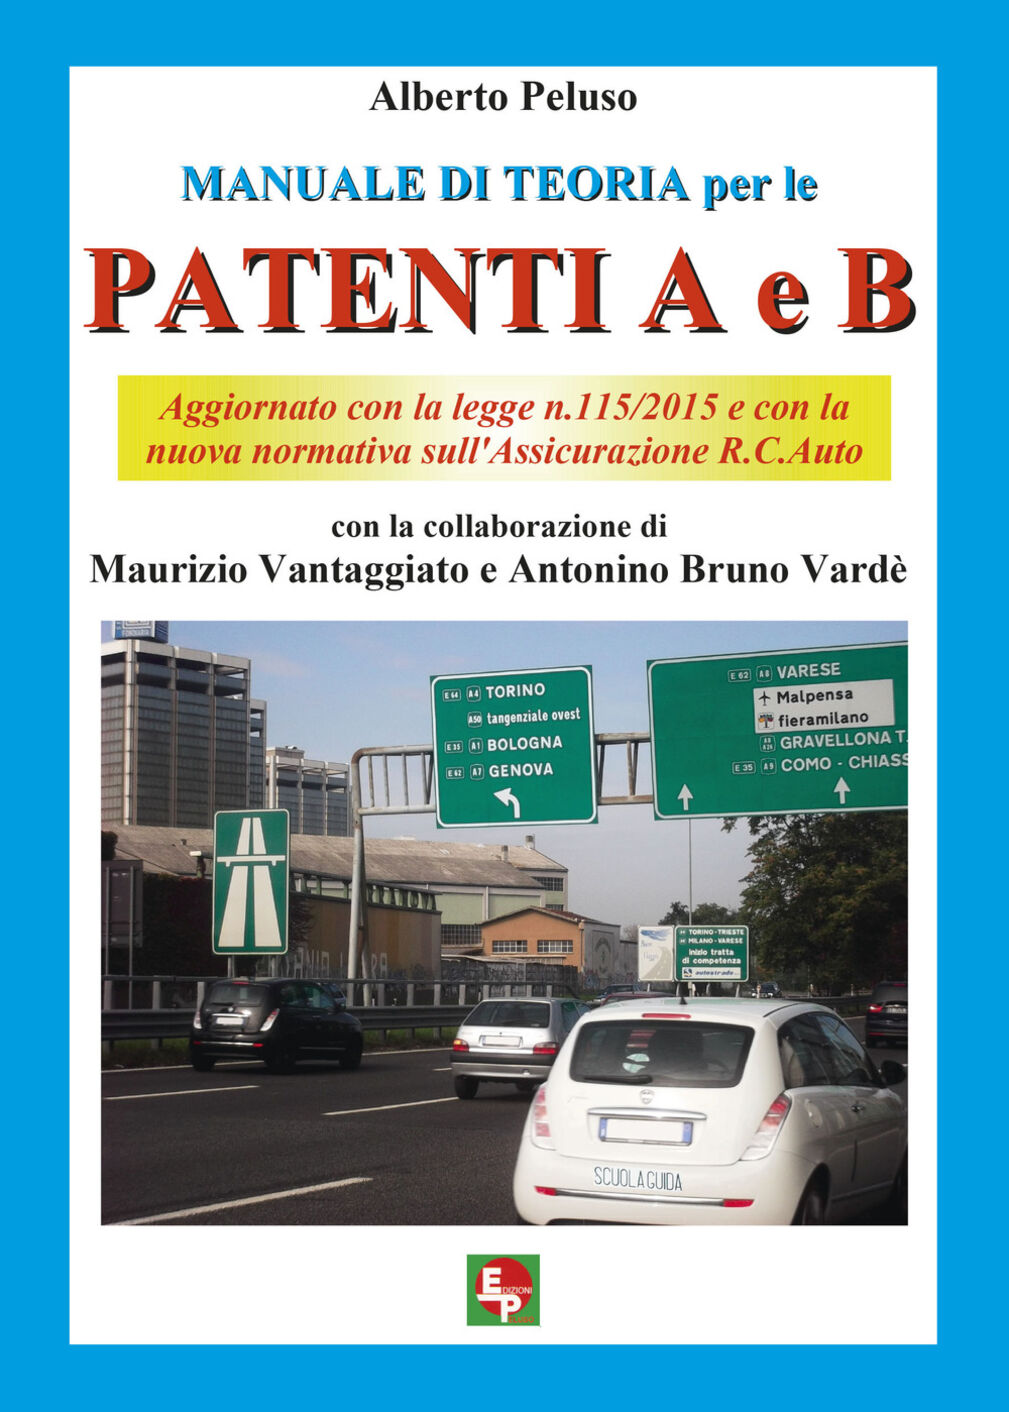 Manuale di teoria per le patenti A e B. Aggiornato con la legge n.115/2015 e con la nuova normativa sull'Assicurazione R.C. Auto